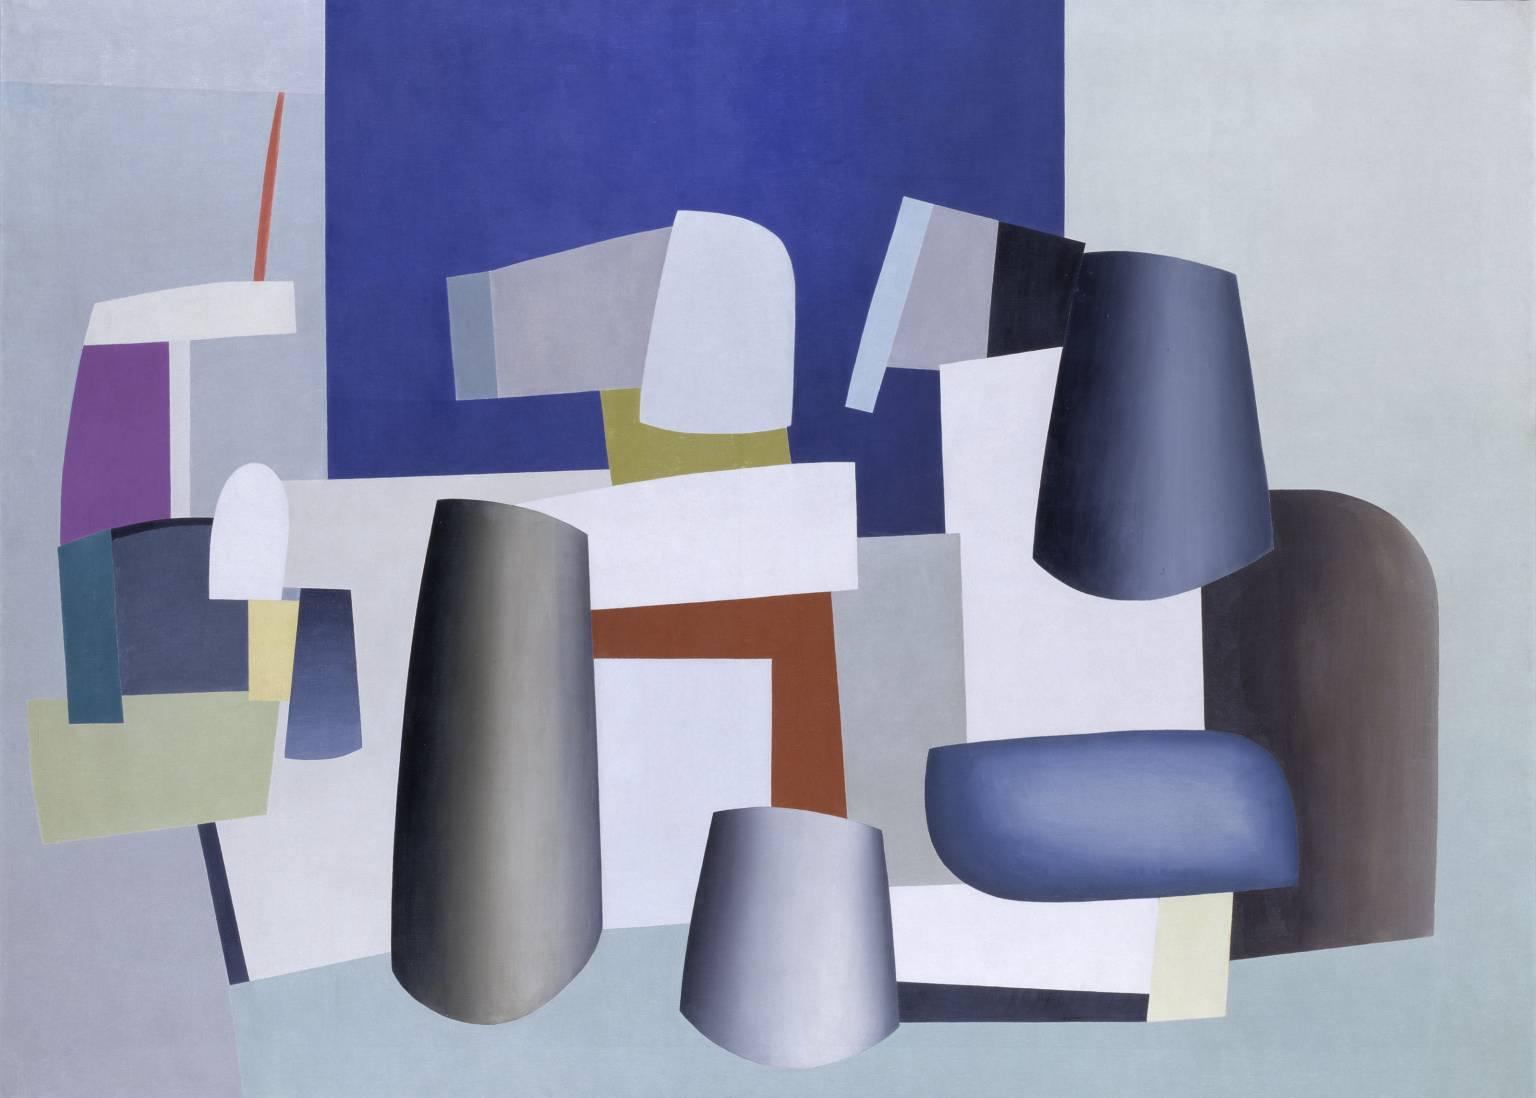 Jean Hélion, Ile de France, 1935, oil on canvas (Tate, © ADAGP, Paris and DACS,